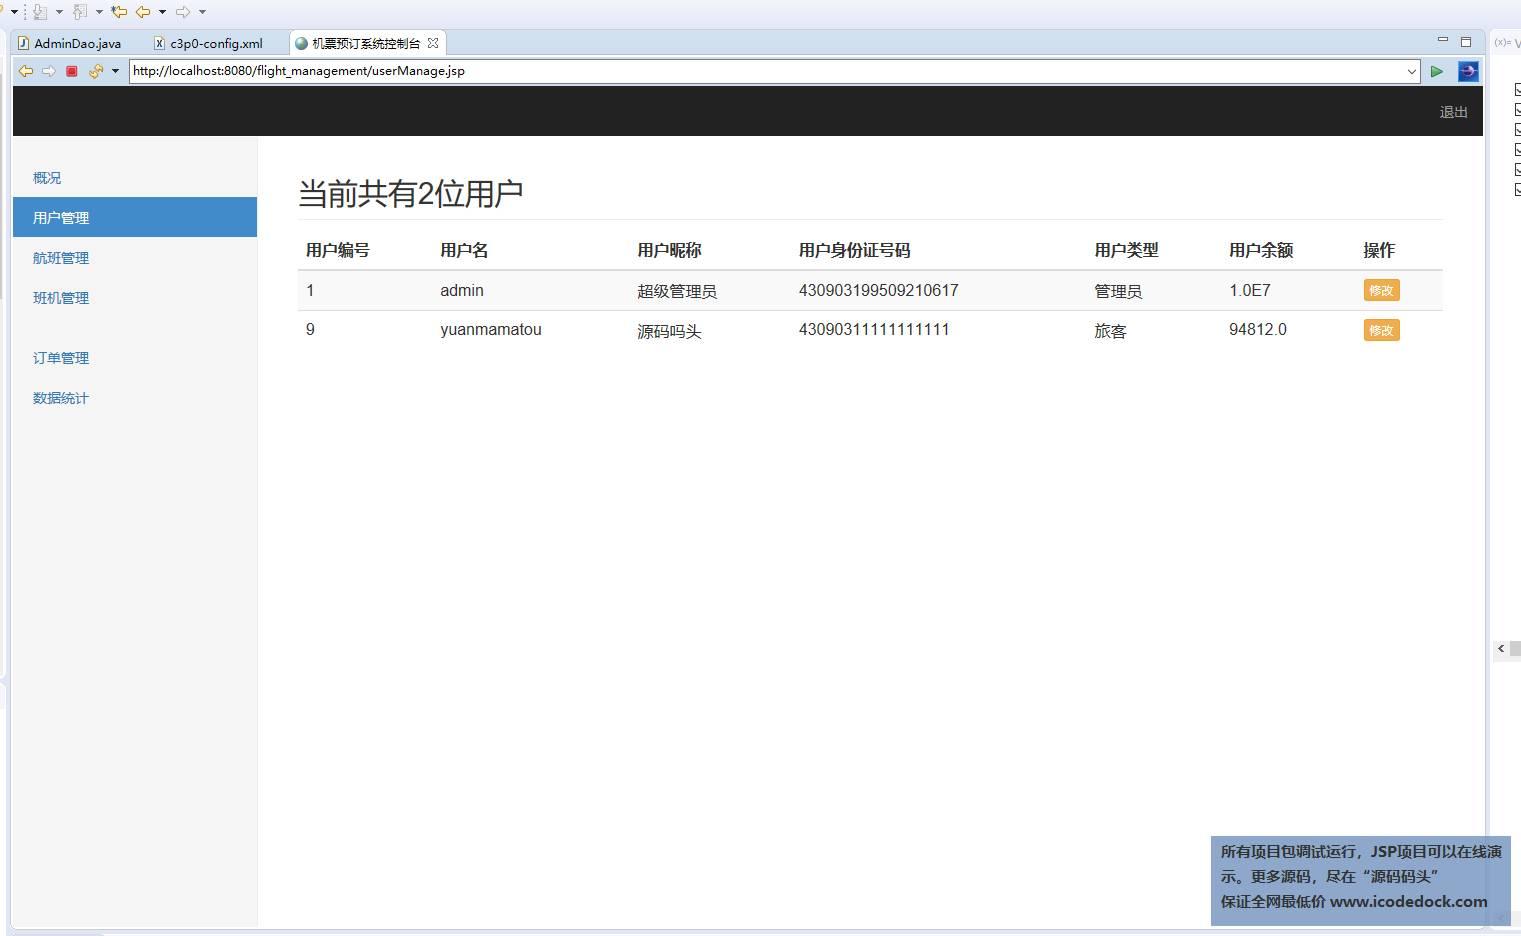 源码码头-JSP航班机票销售管理系统-管理员角色-用户管理